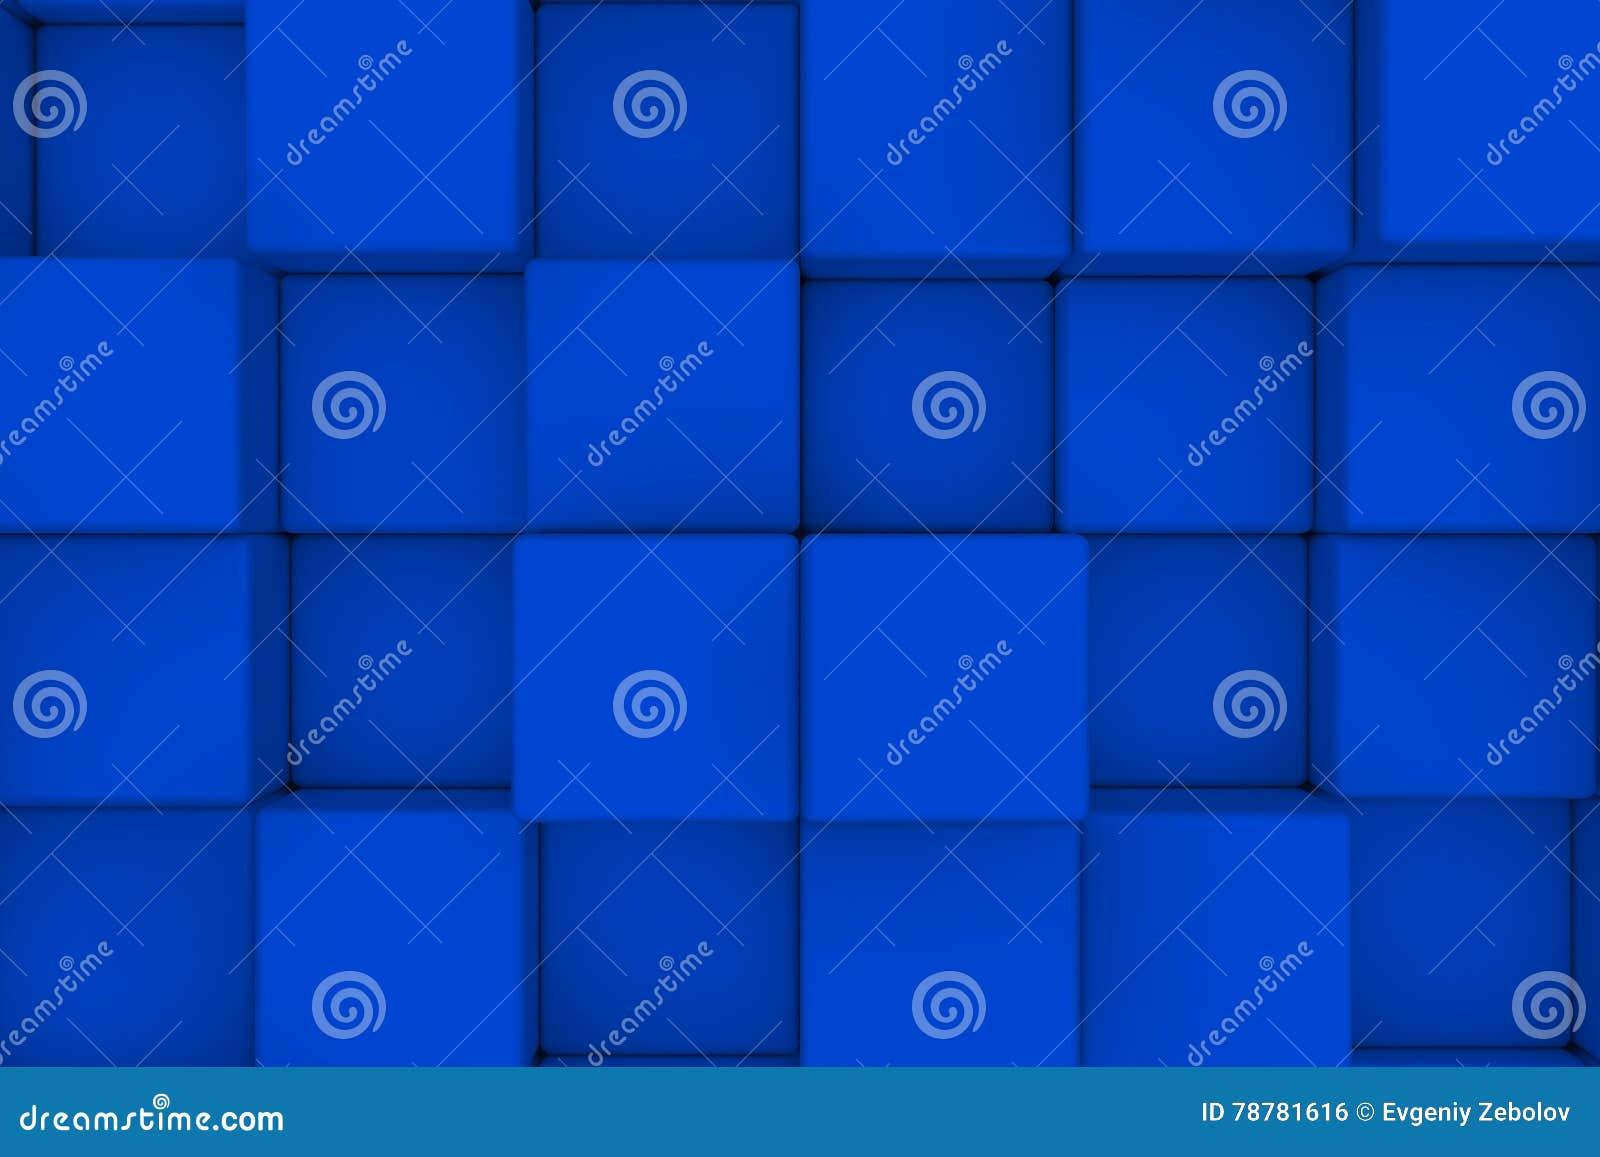 τρισδιάστατος εννοιολογικός μοναδικός τοίχος εικόνας κύβων αφηρημένη ανασκόπηση τρισδιάστατος δώστε